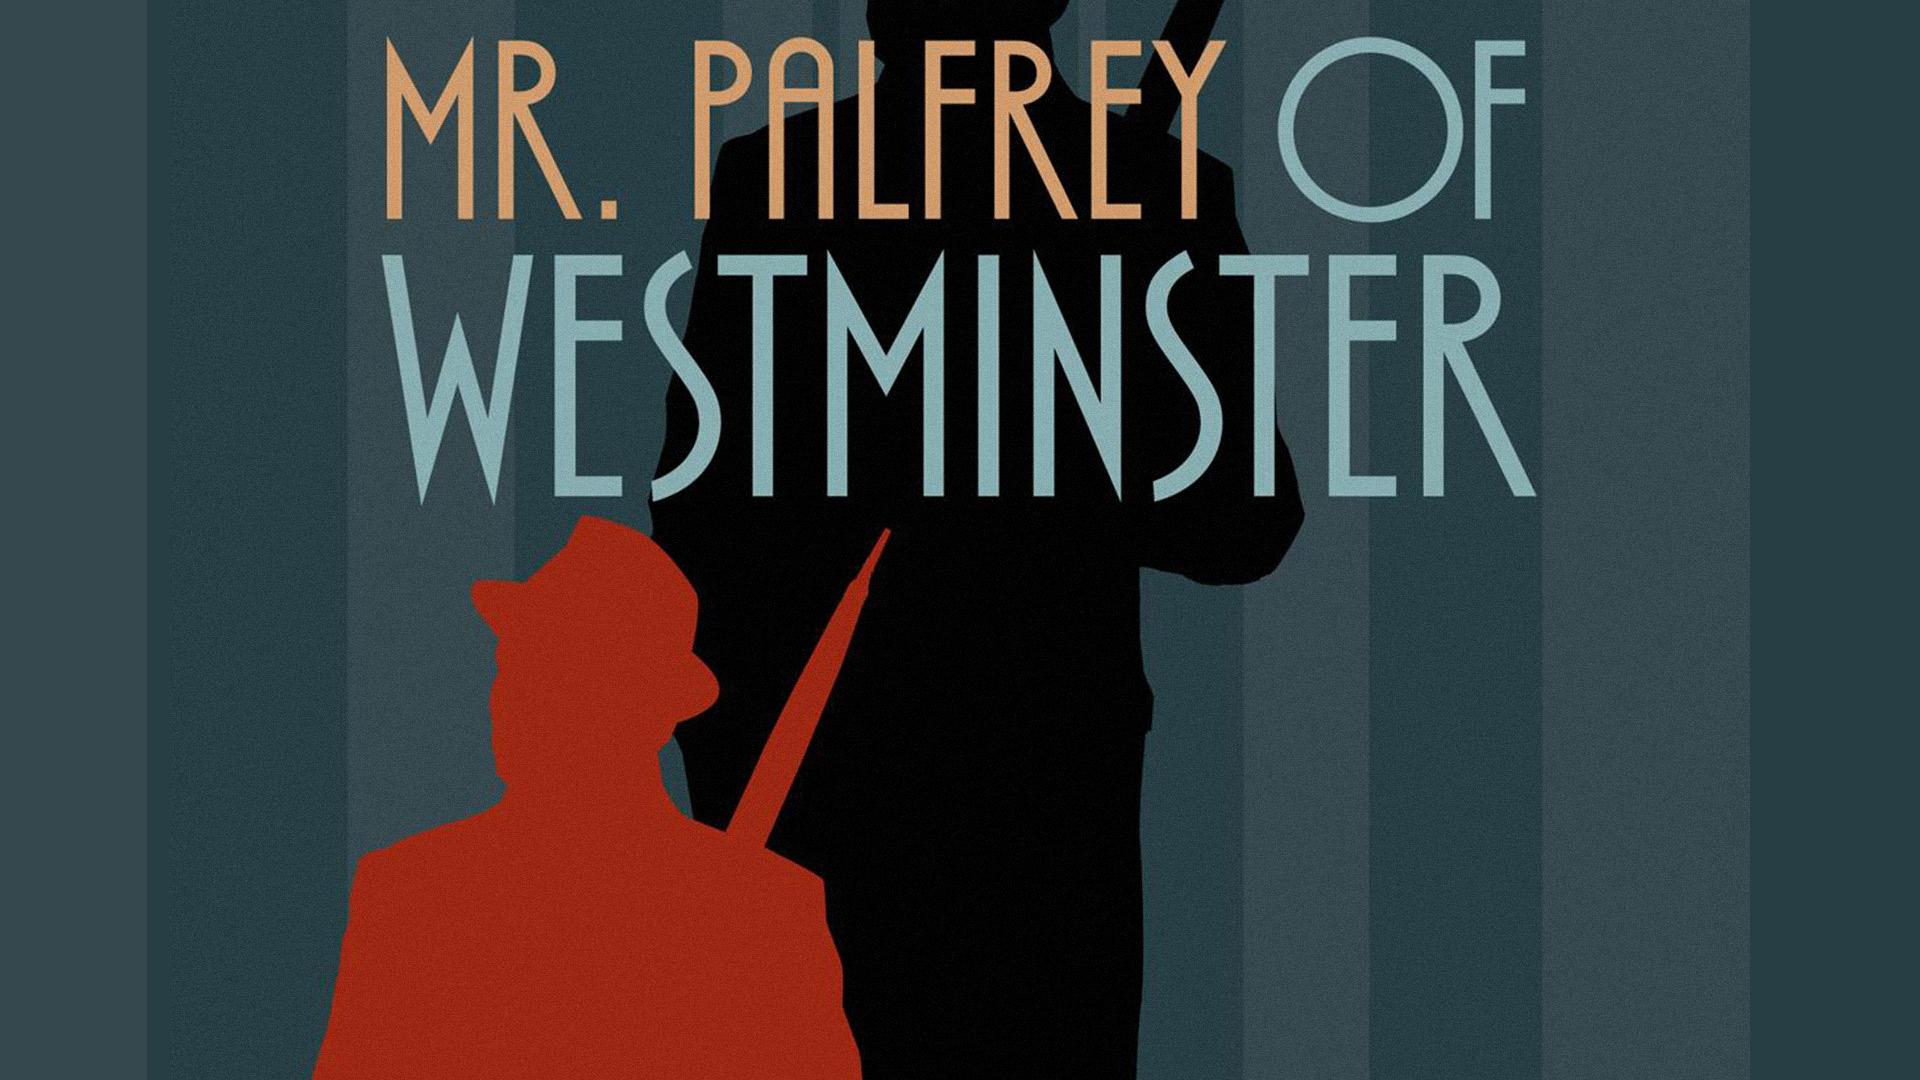 Mr. Palfrey of Westminster, Series 1